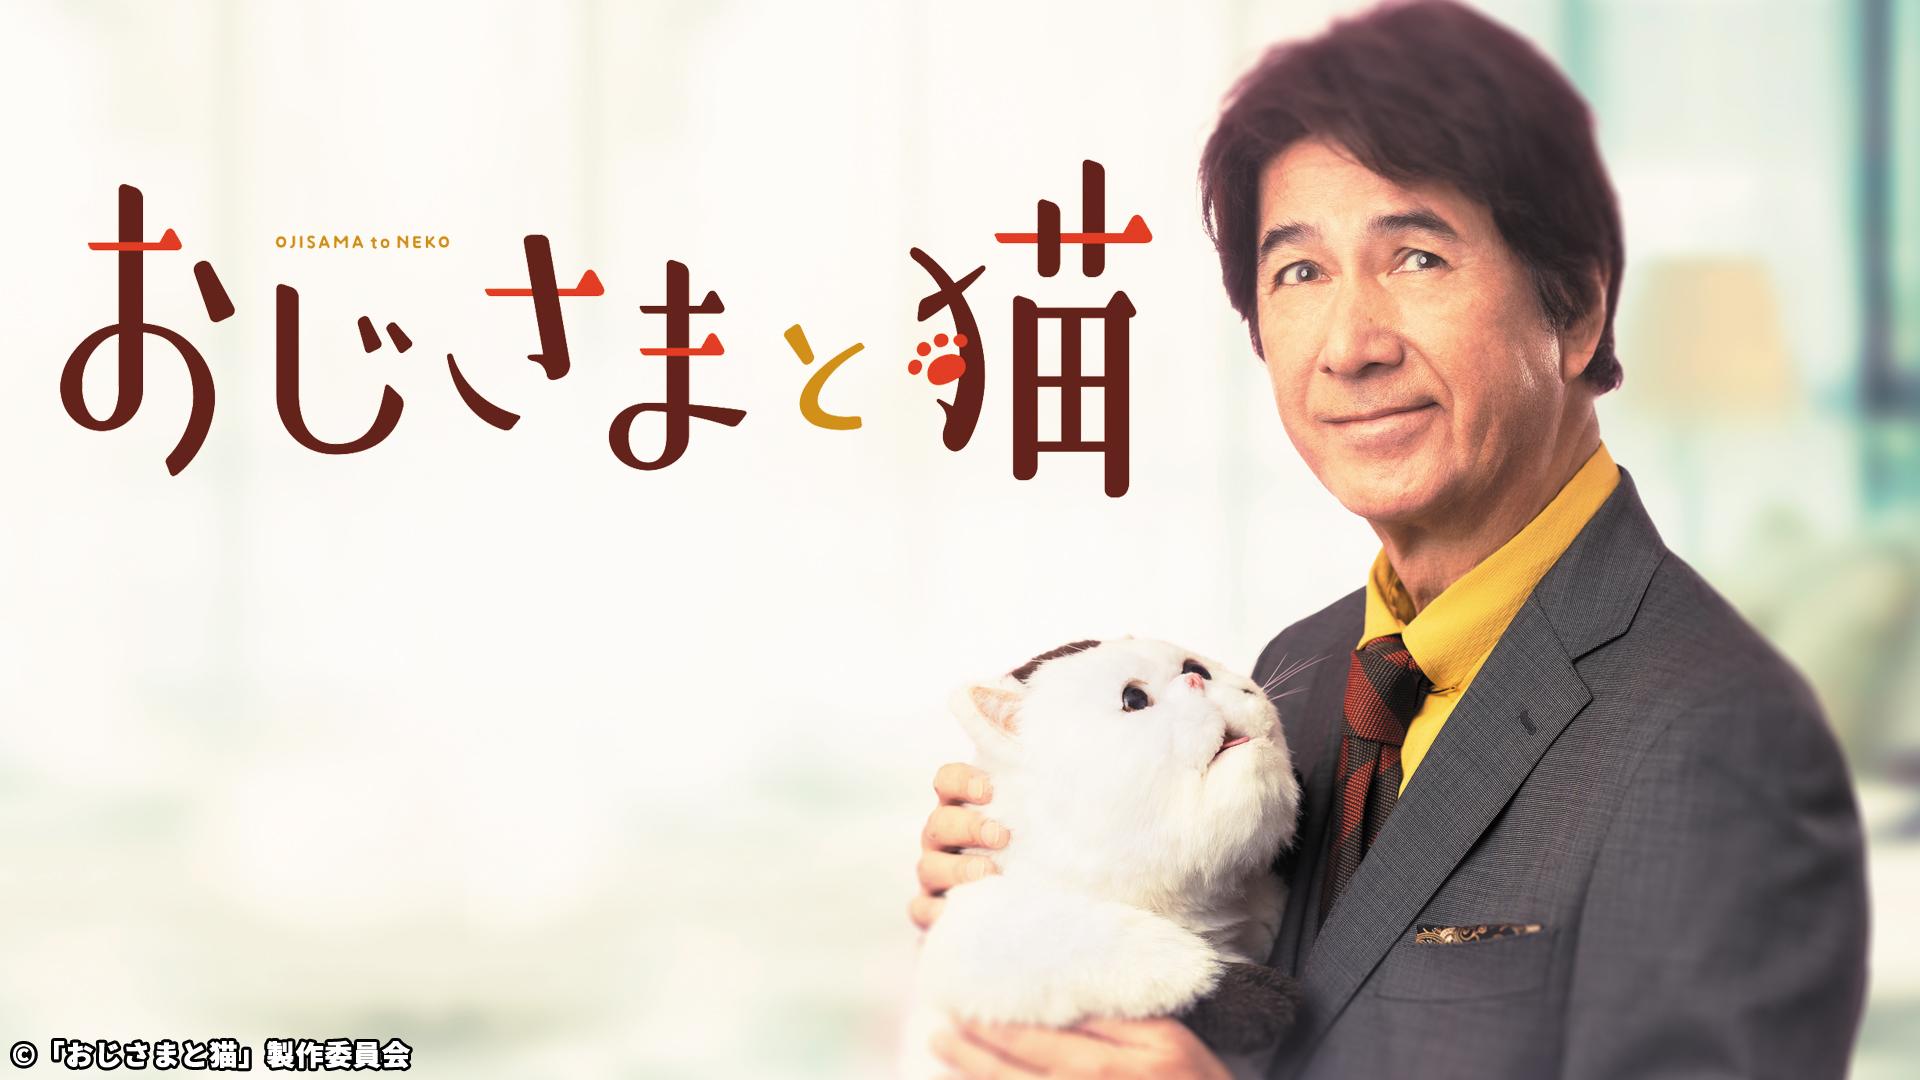 おじさまと猫 #07 第7話 動画 2021年2月17日 210217